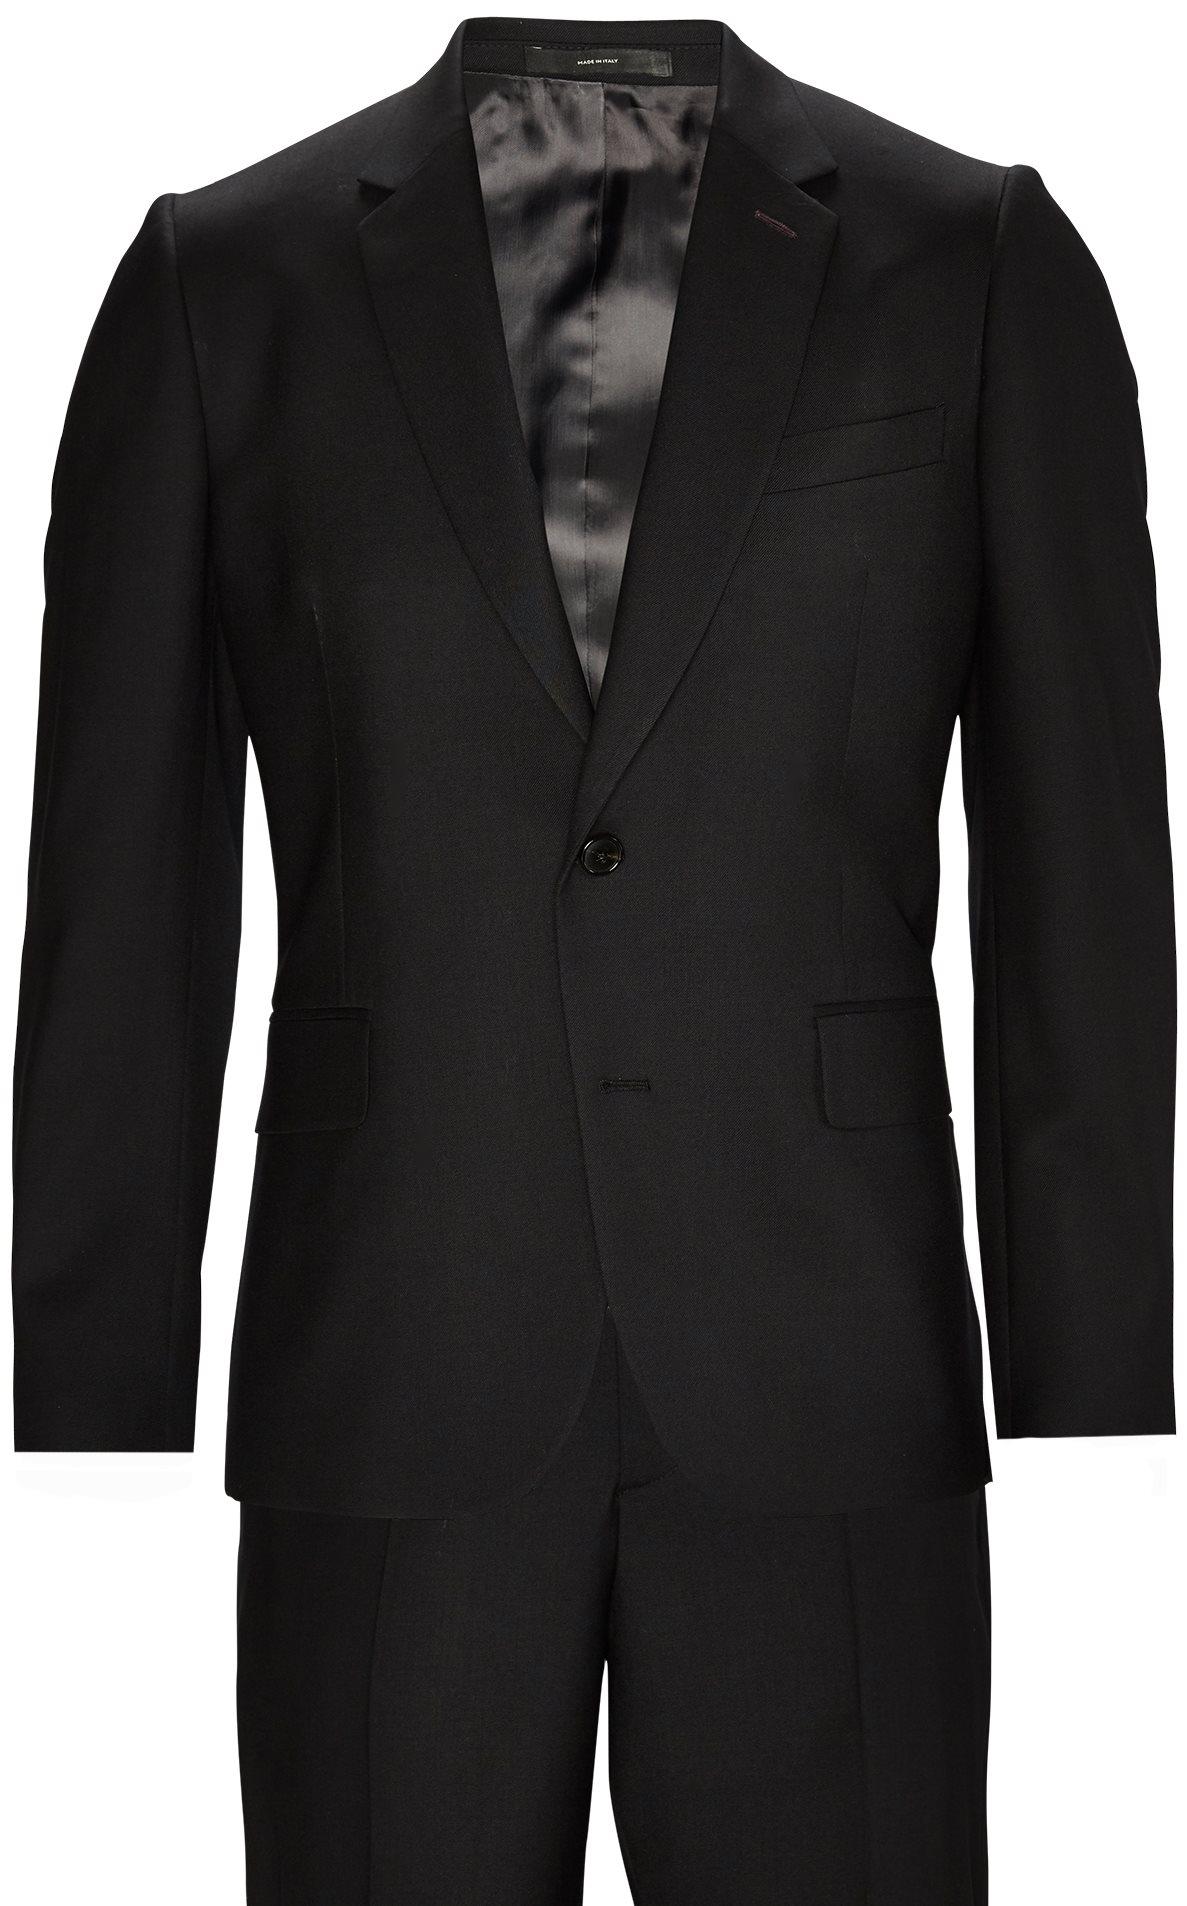 Suits - Slim fit - Black